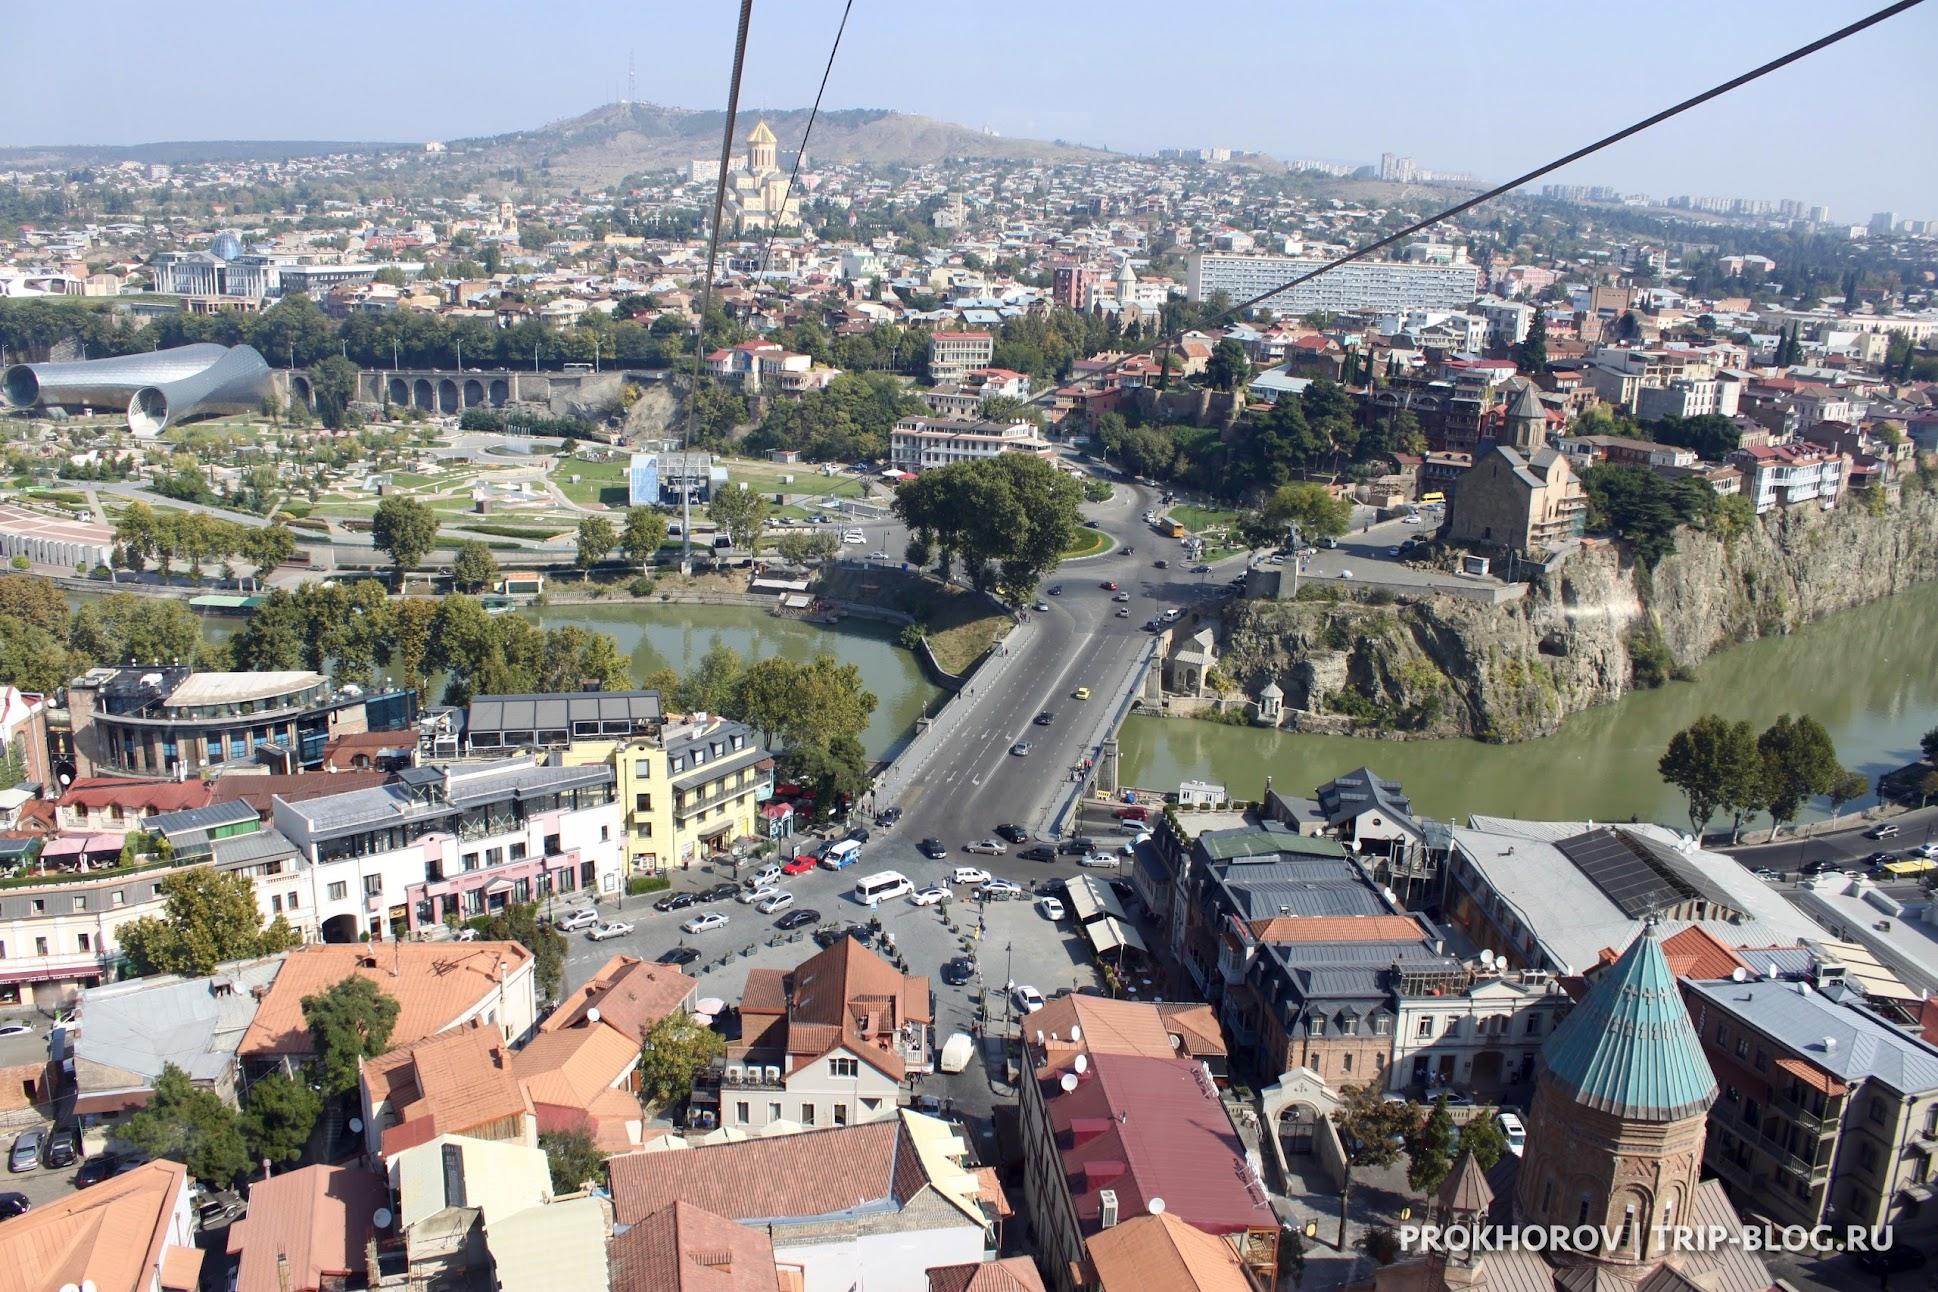 Вид с горы, где стоит крепость Нарикала